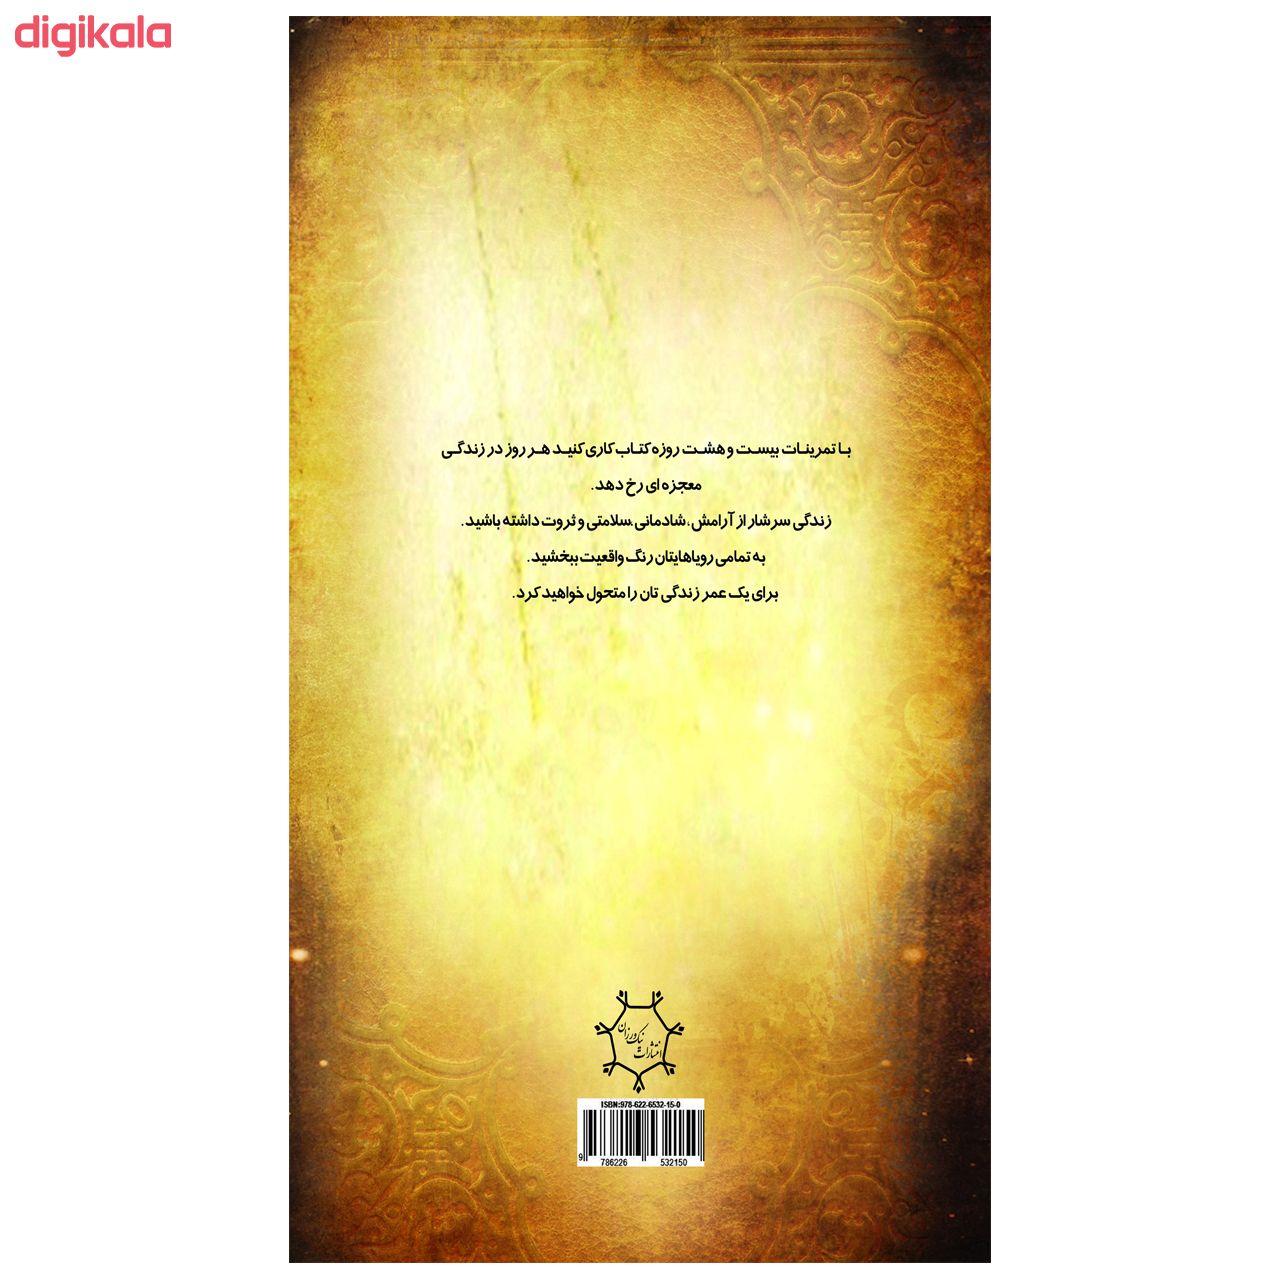 کتاب معجزه شکرگزاری اثر راندا برن انتشارات نیک ورزان main 1 1